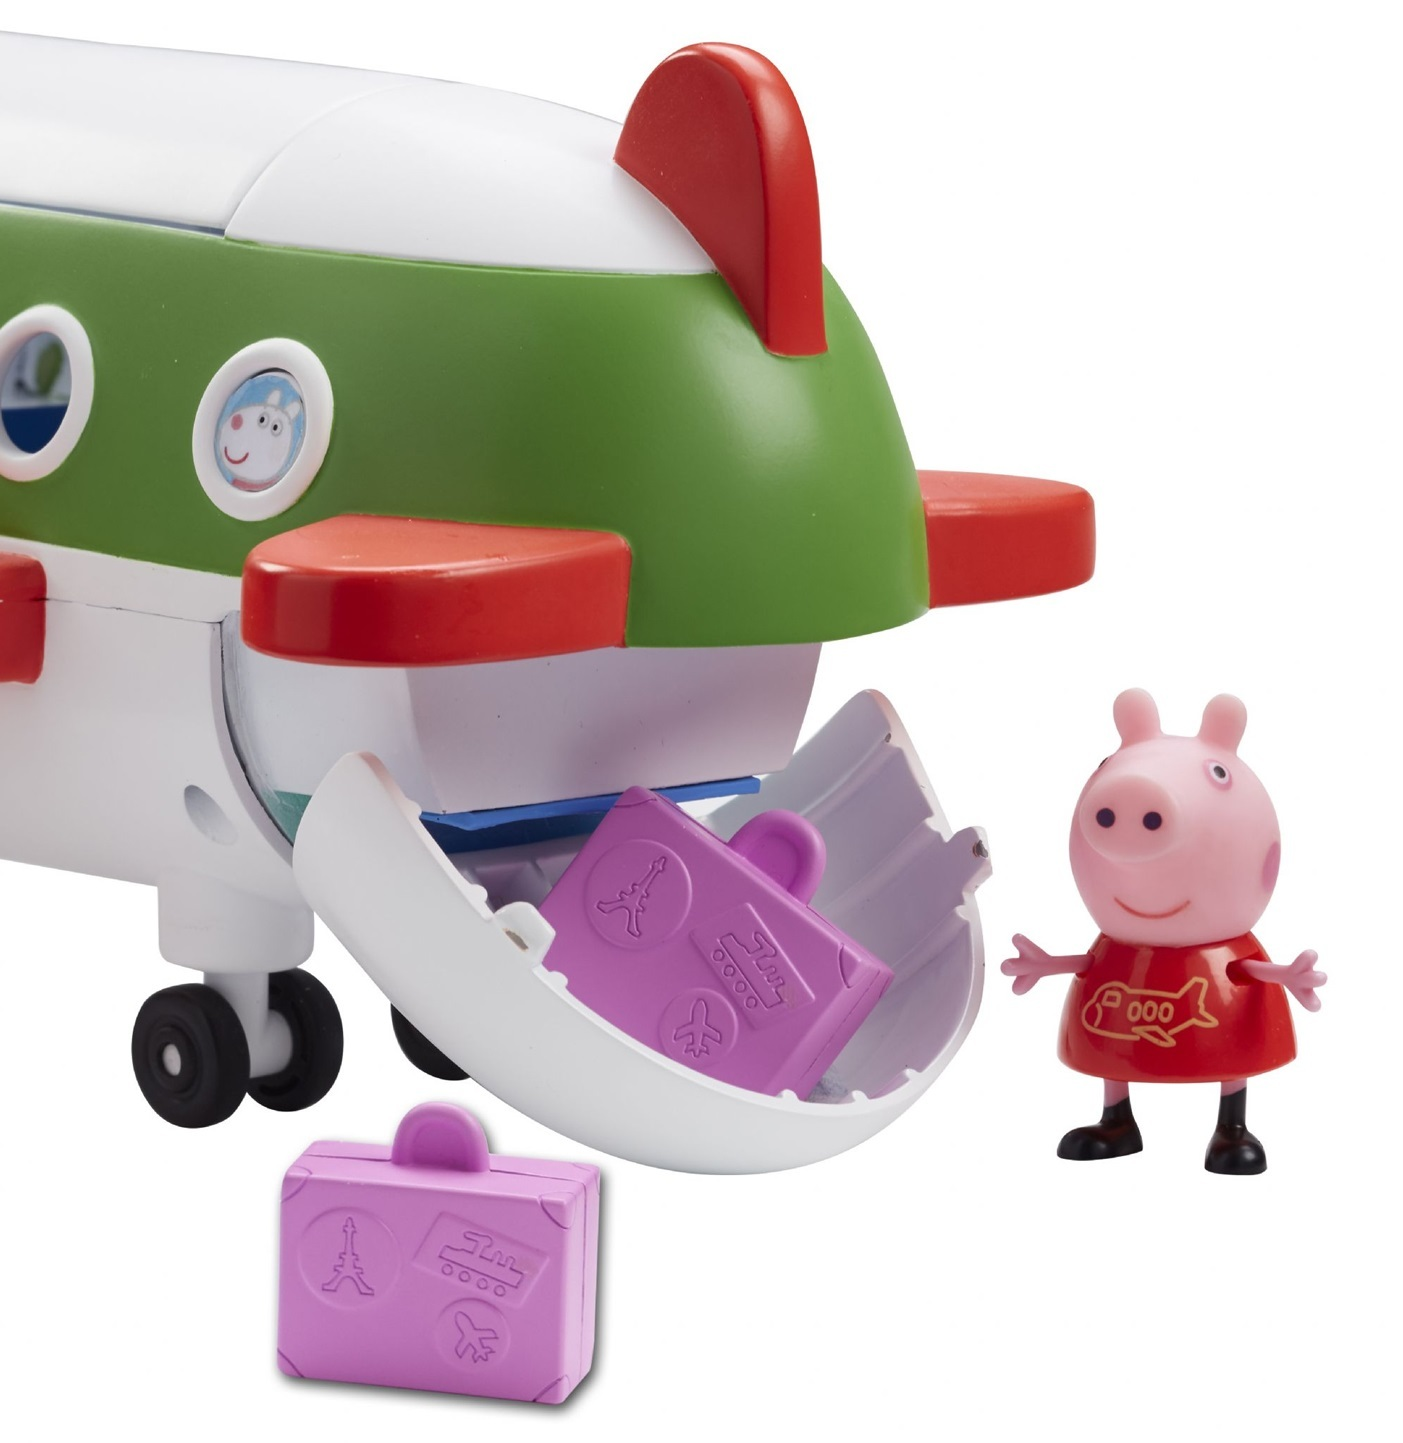 Peppa Pig: Air Peppa Jet - Playset image